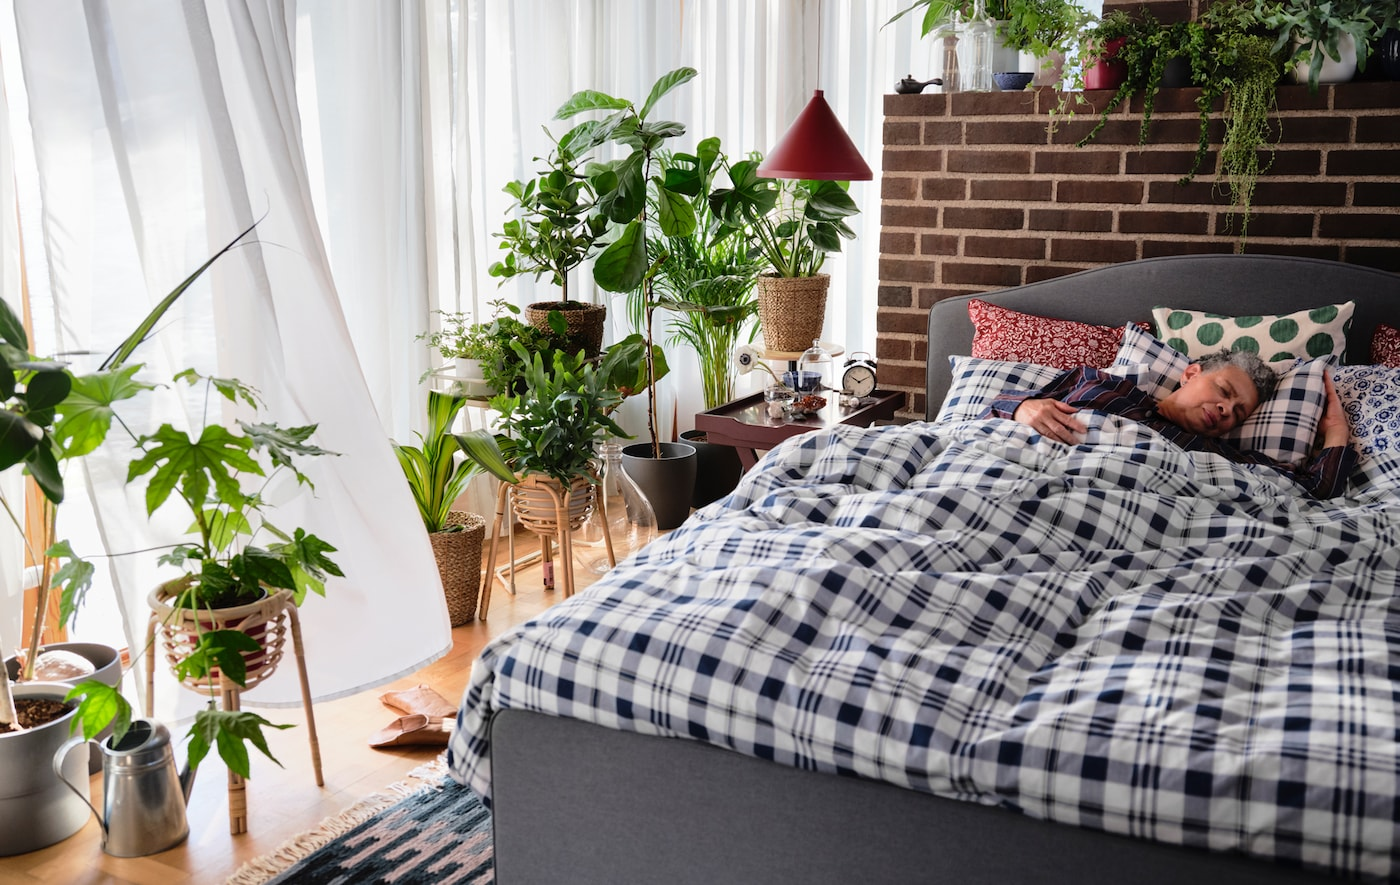 امرأة تنام في سرير HAUGA المنجد مع غطاء لحاف مربعات ومحاط بالنباتات الخضراء.